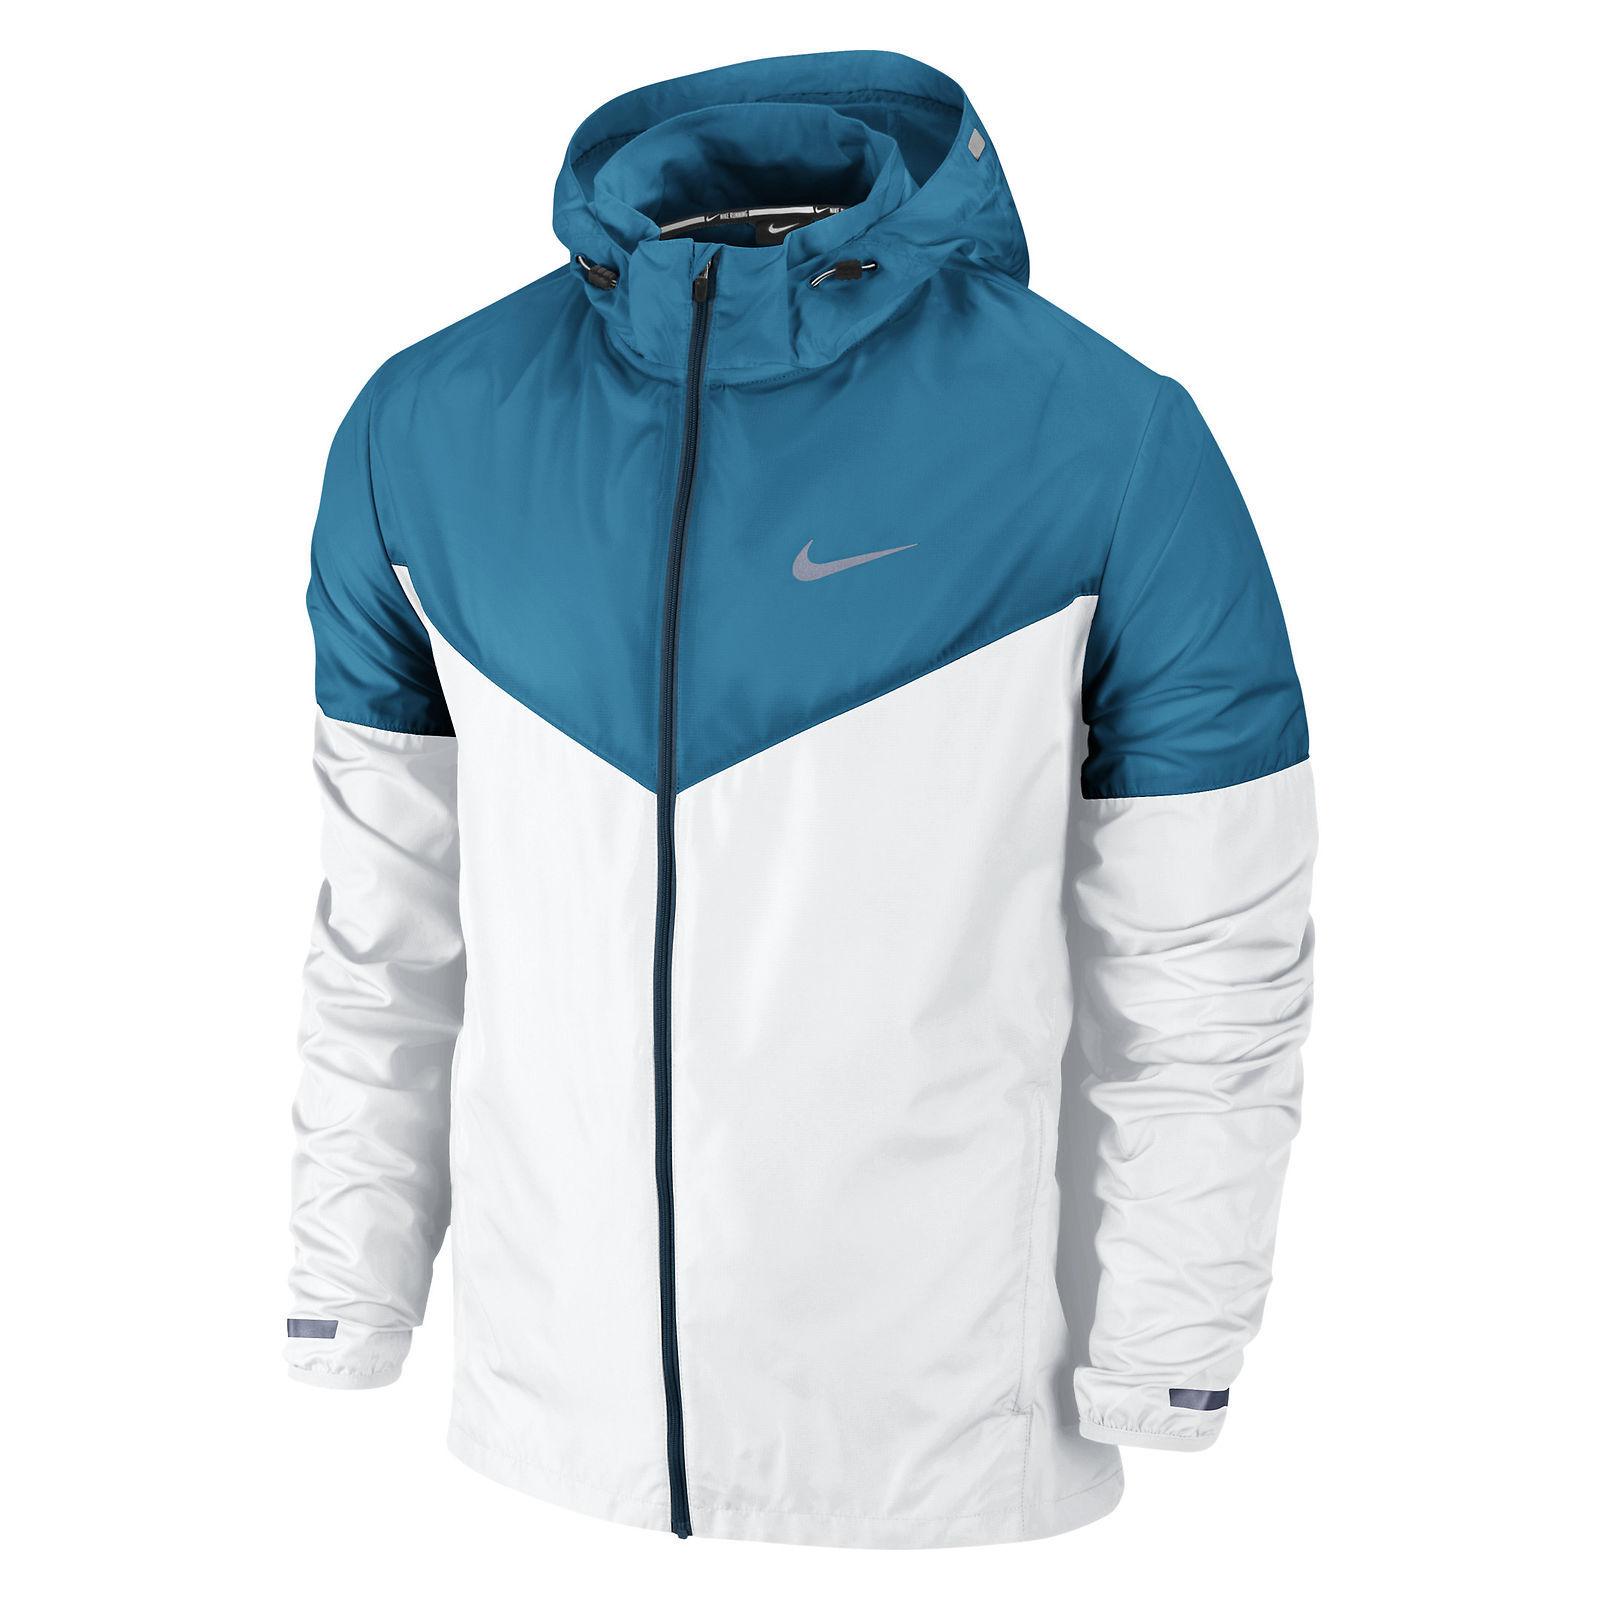 Kurtka Nike Vapor Jacket 619955